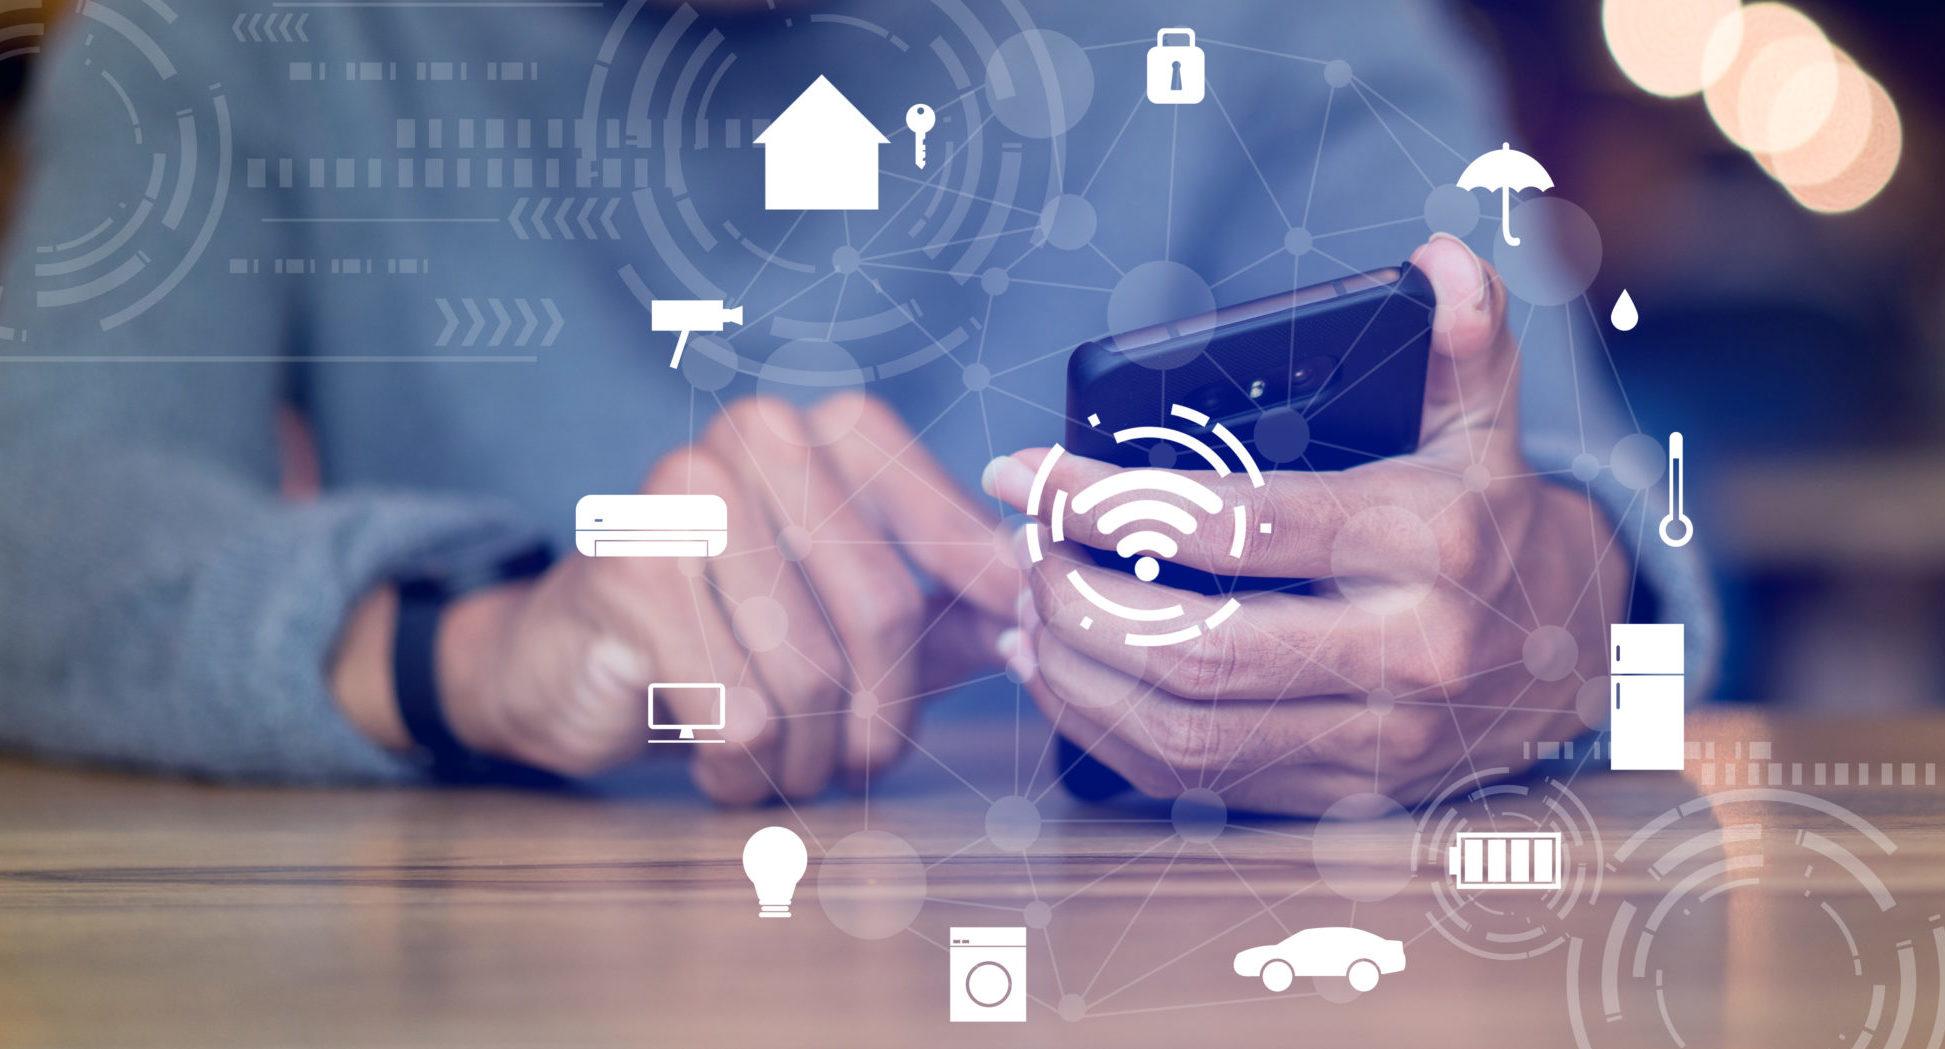 Eclairage connecté. Nouvelles technologies numériques.